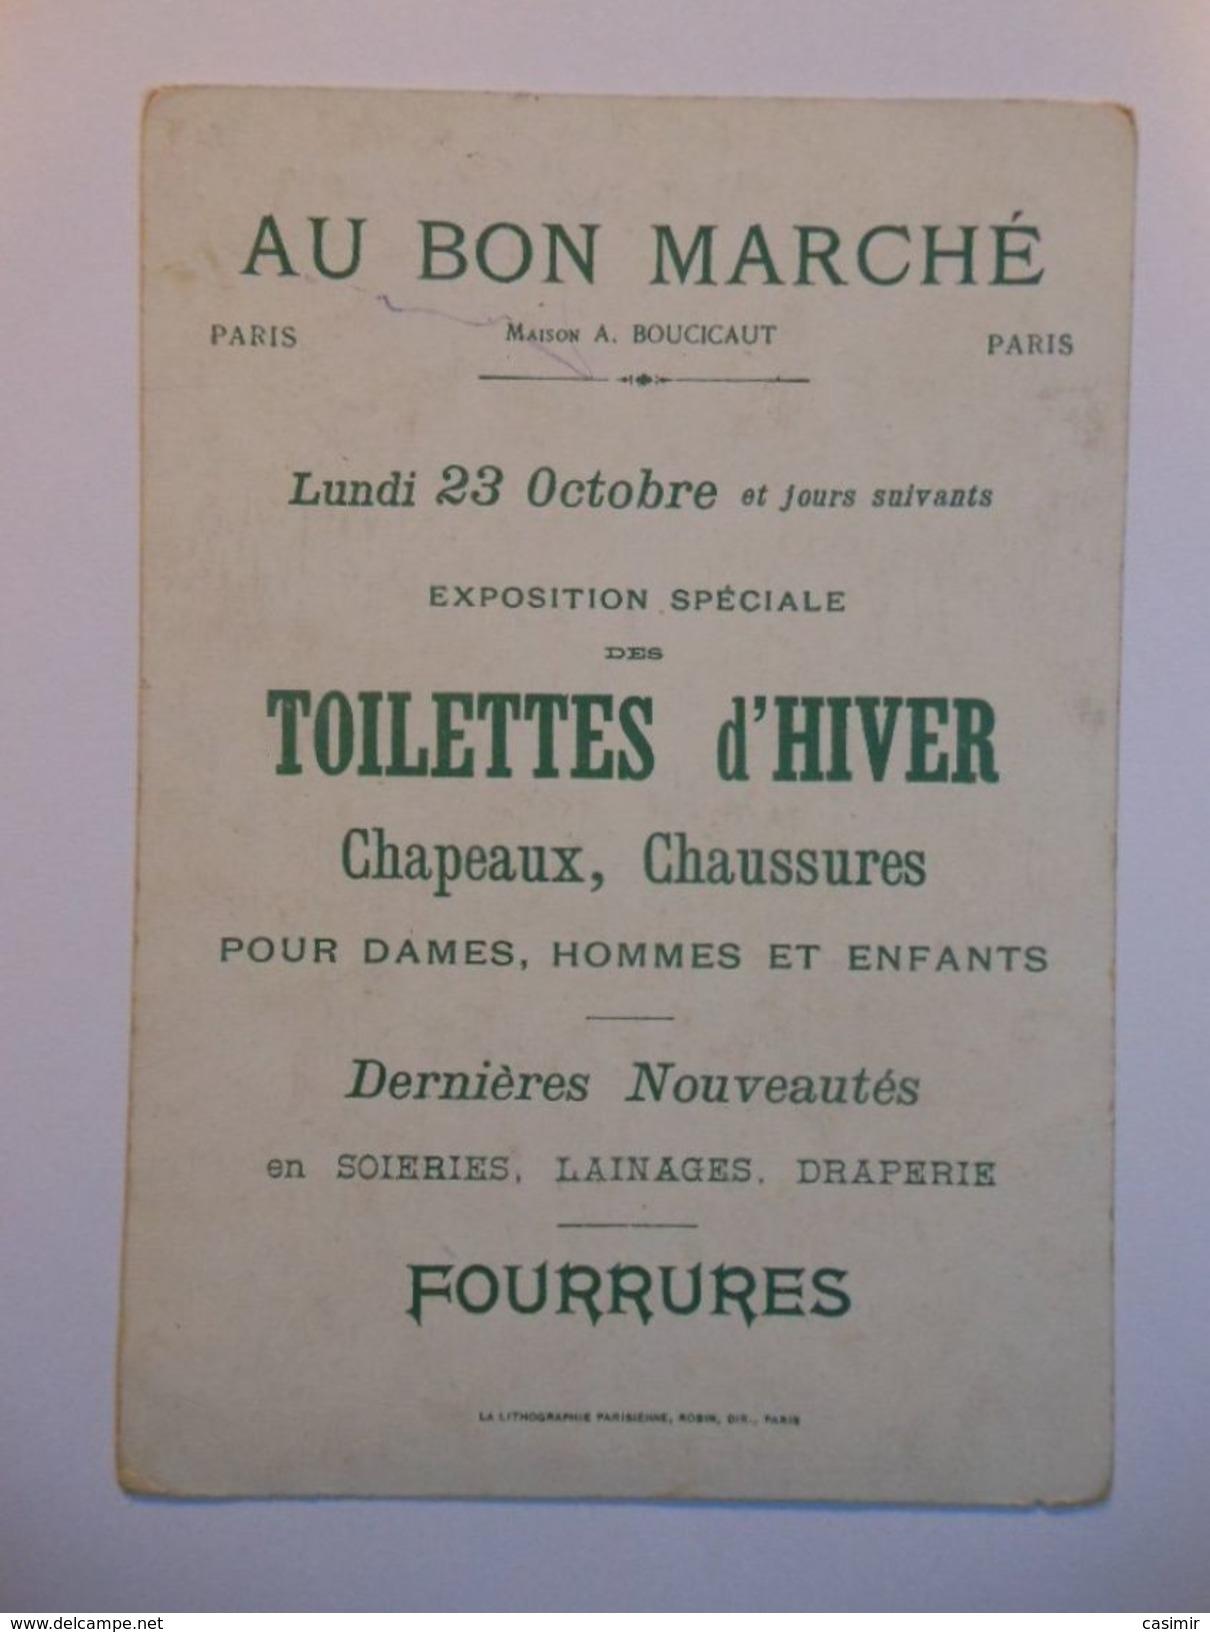 B0048c - Chromo AU BON MARCHE - 3 RIQUET A LA HOUPPE - Vieux Papiers